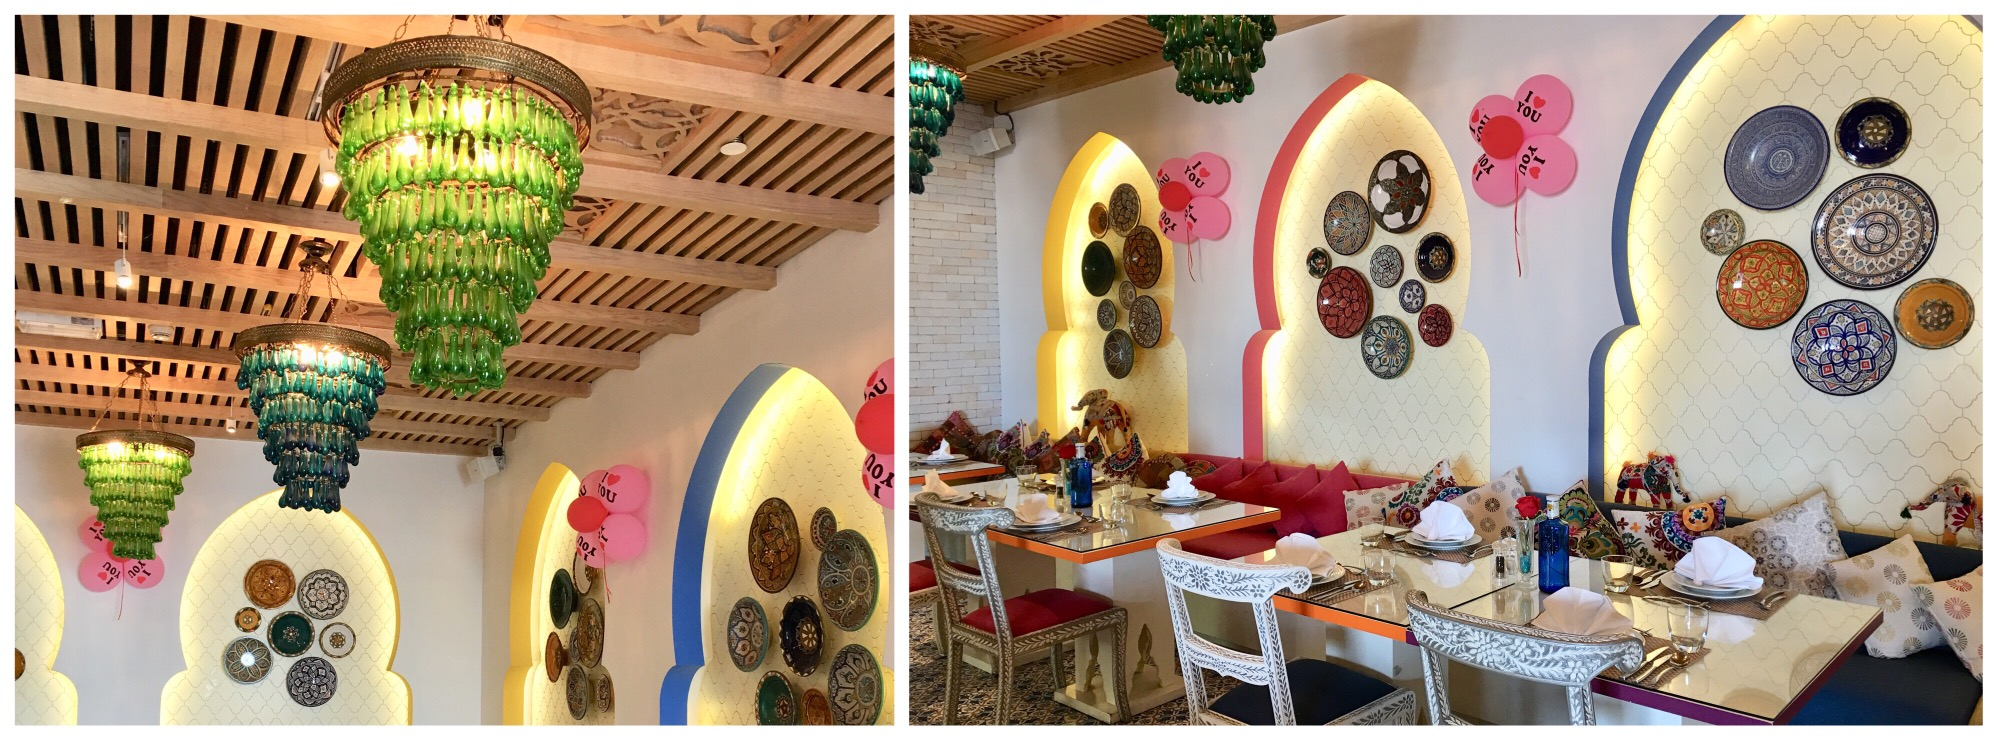 Indian restaurants in Jumeira